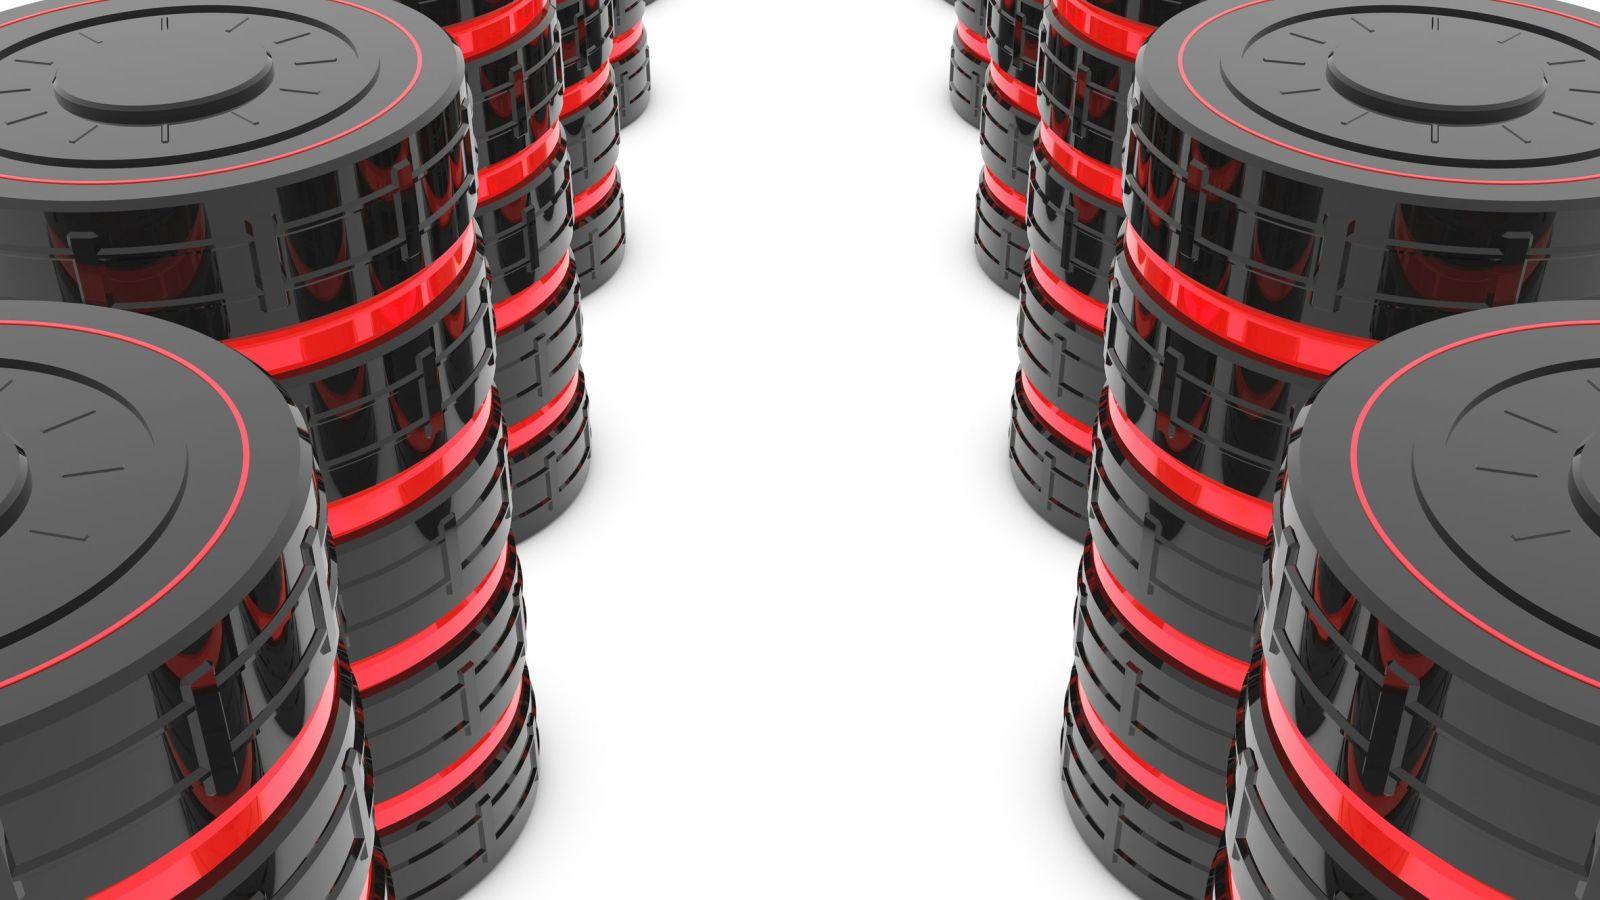 マイクロサービスの最難関「結果整合性」、許容できるのは誰か